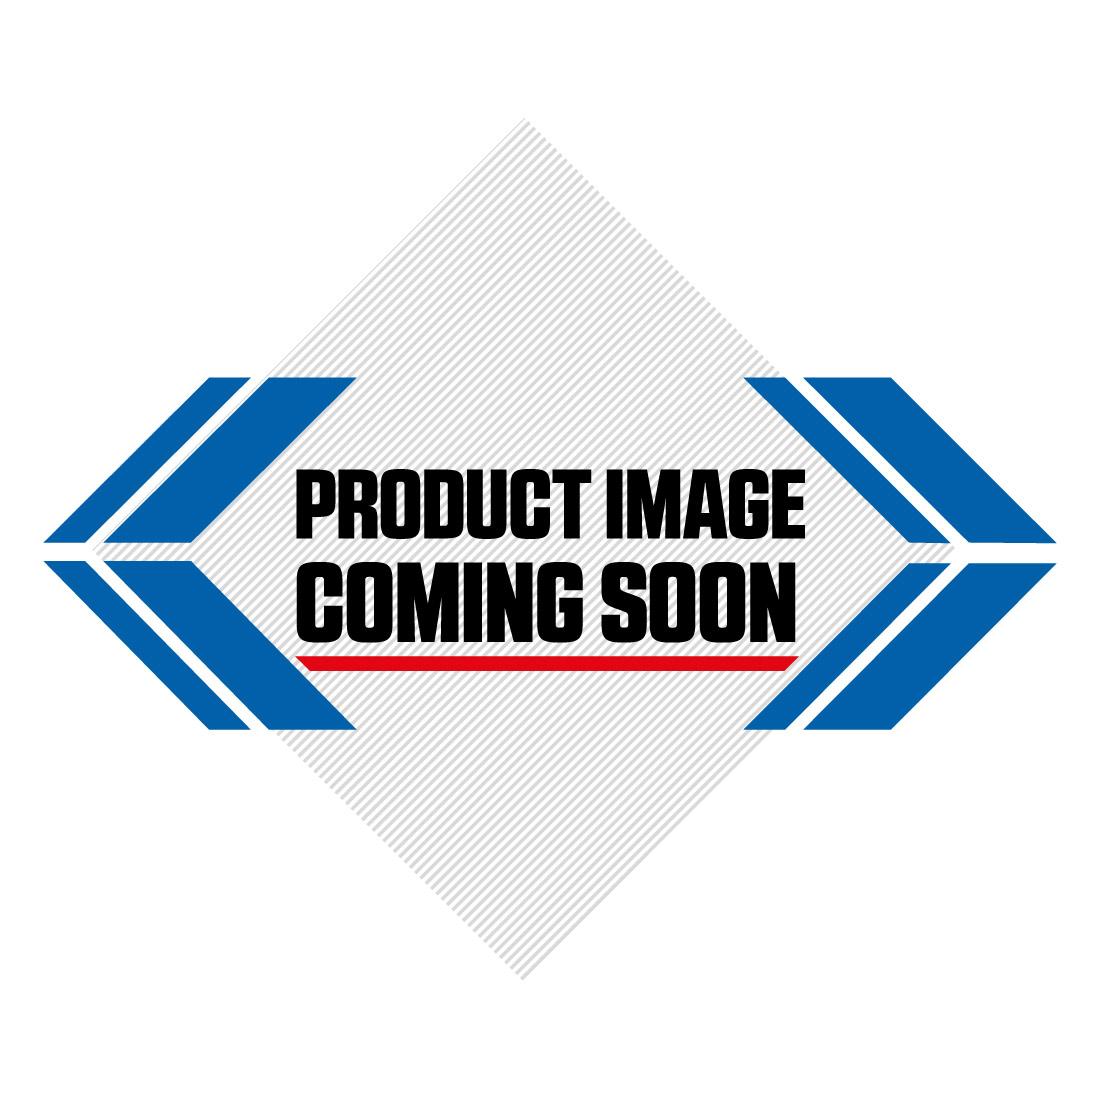 MDR 100% Armega Goggle Tear Offs Image-0